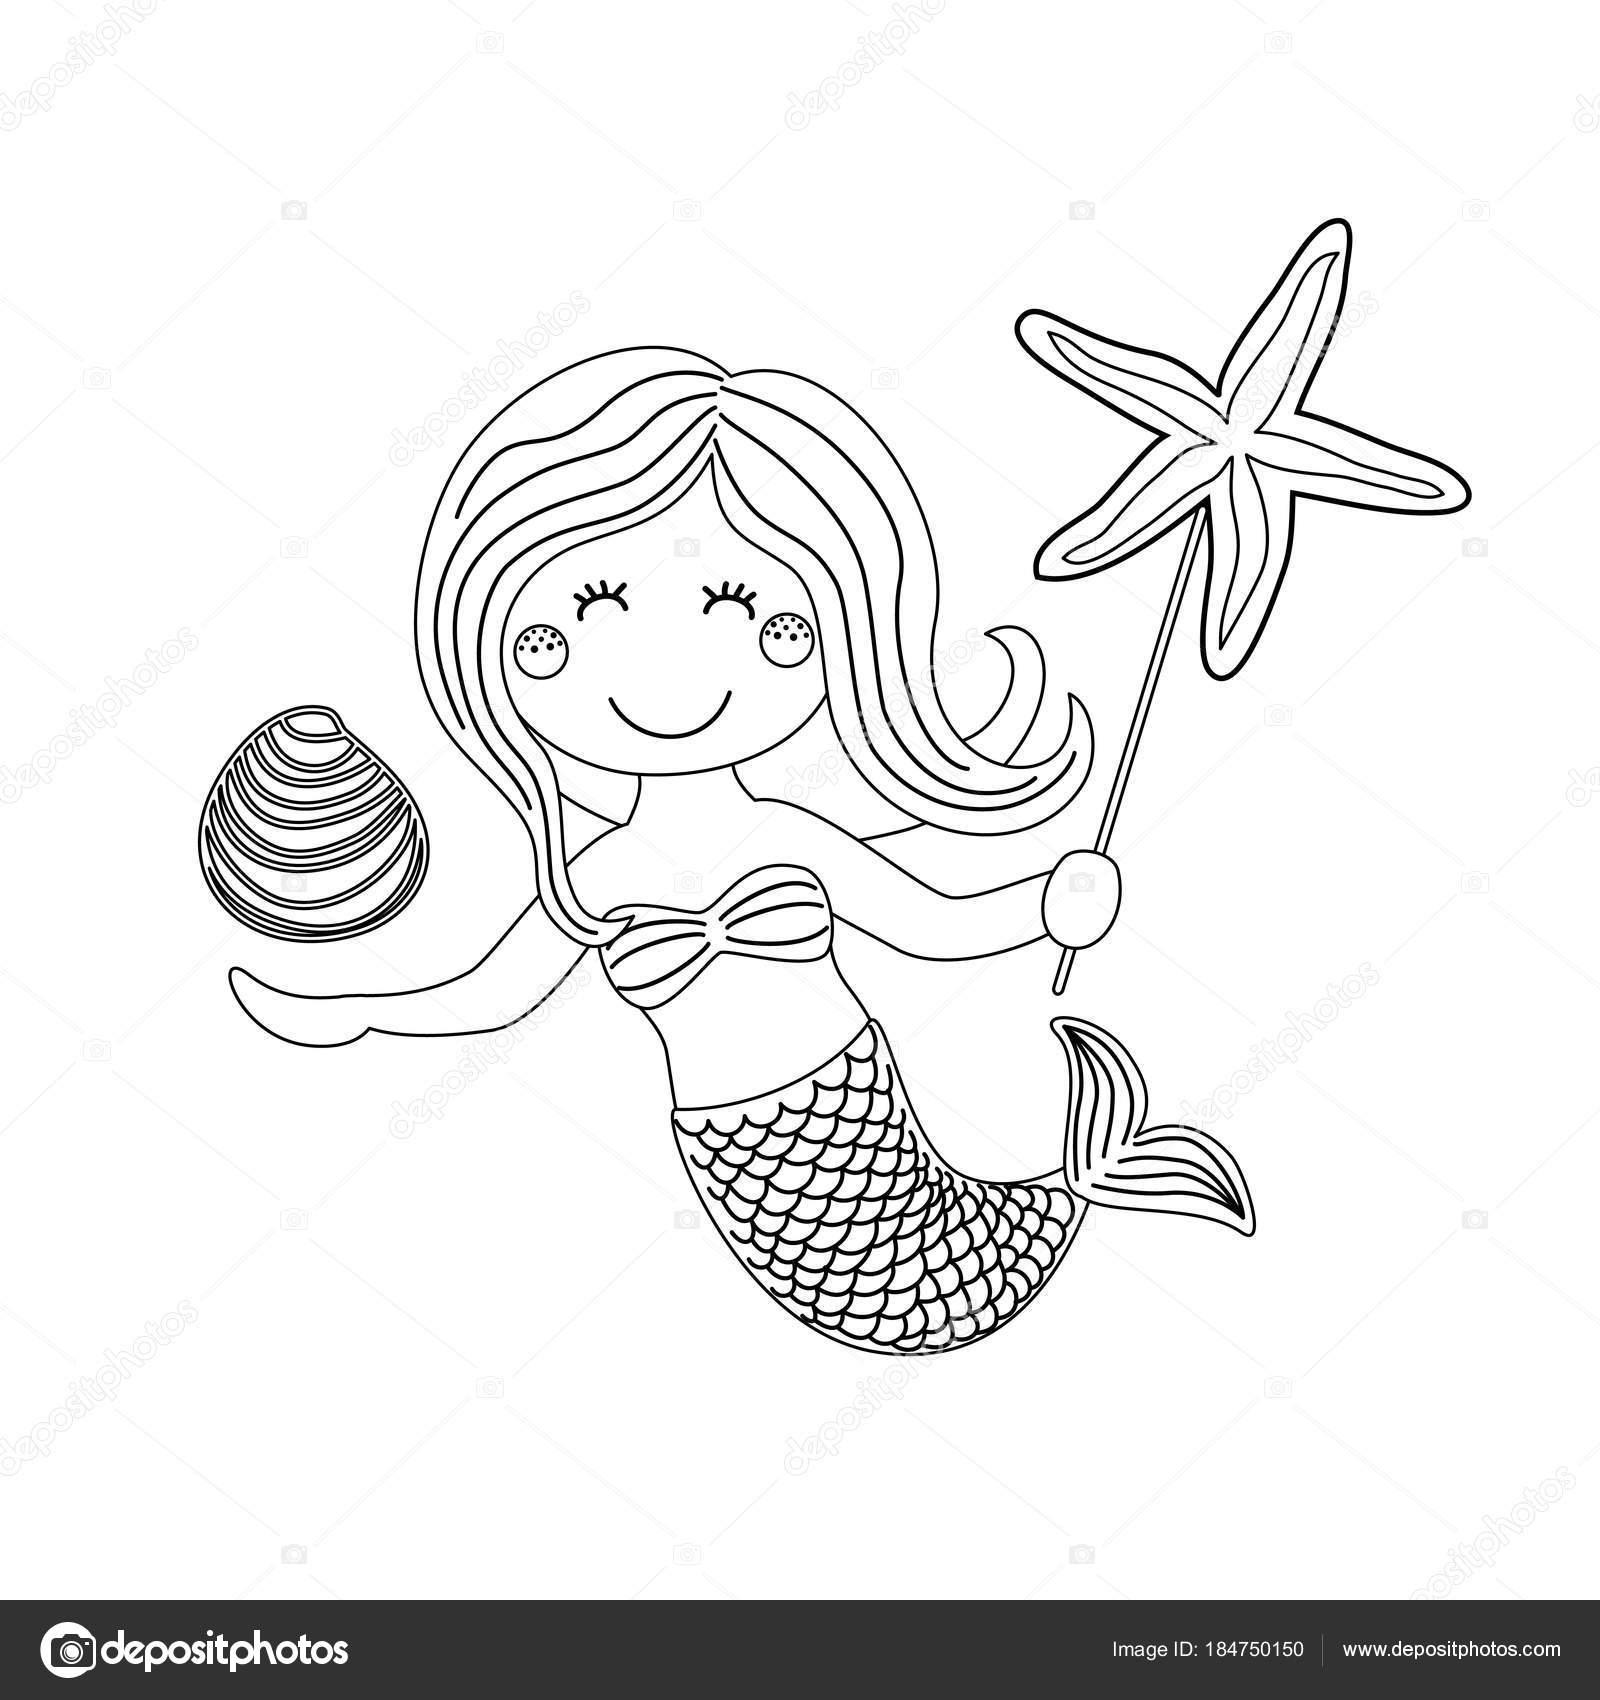 Niedliche kindliche handgezeichnete Cartoon-Figur der kleinen ...